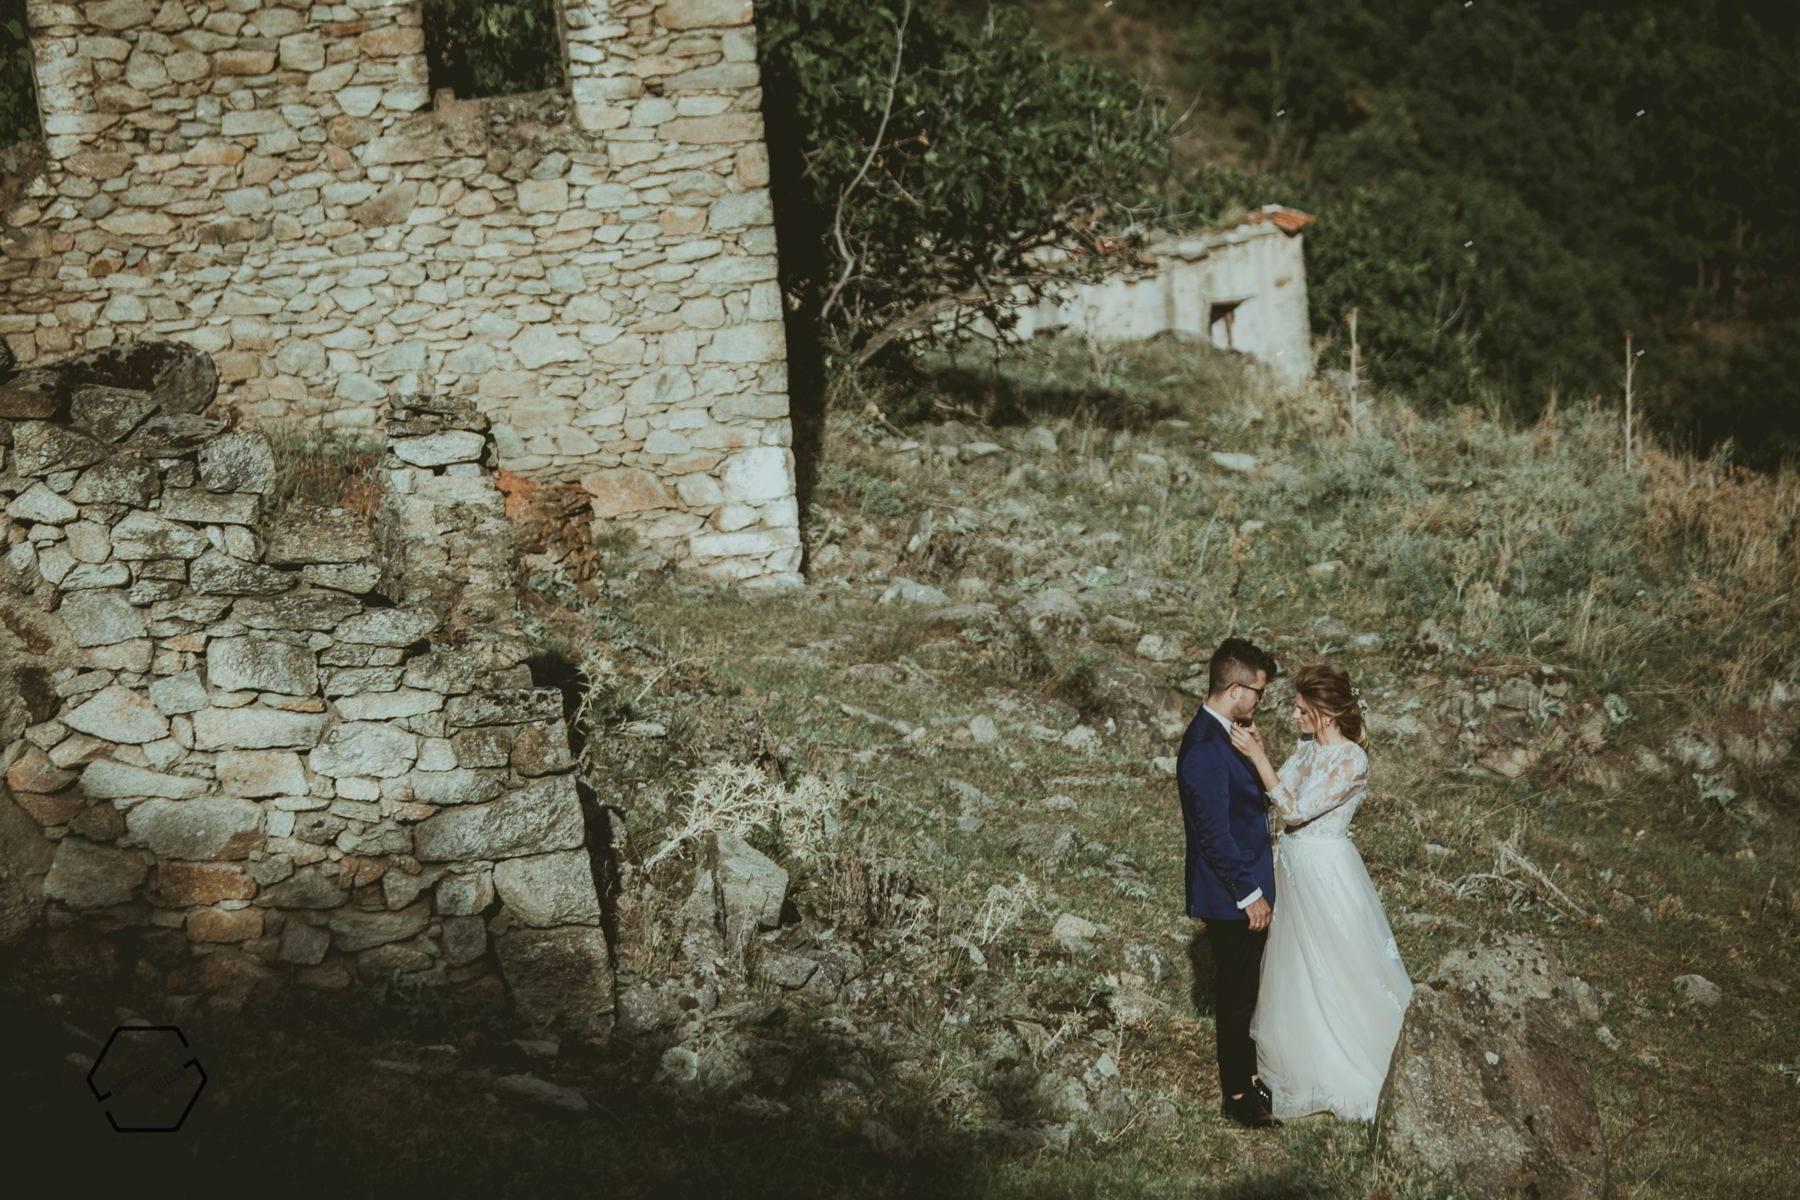 καλύτερα μέρη για φωτογράφιση γάμου